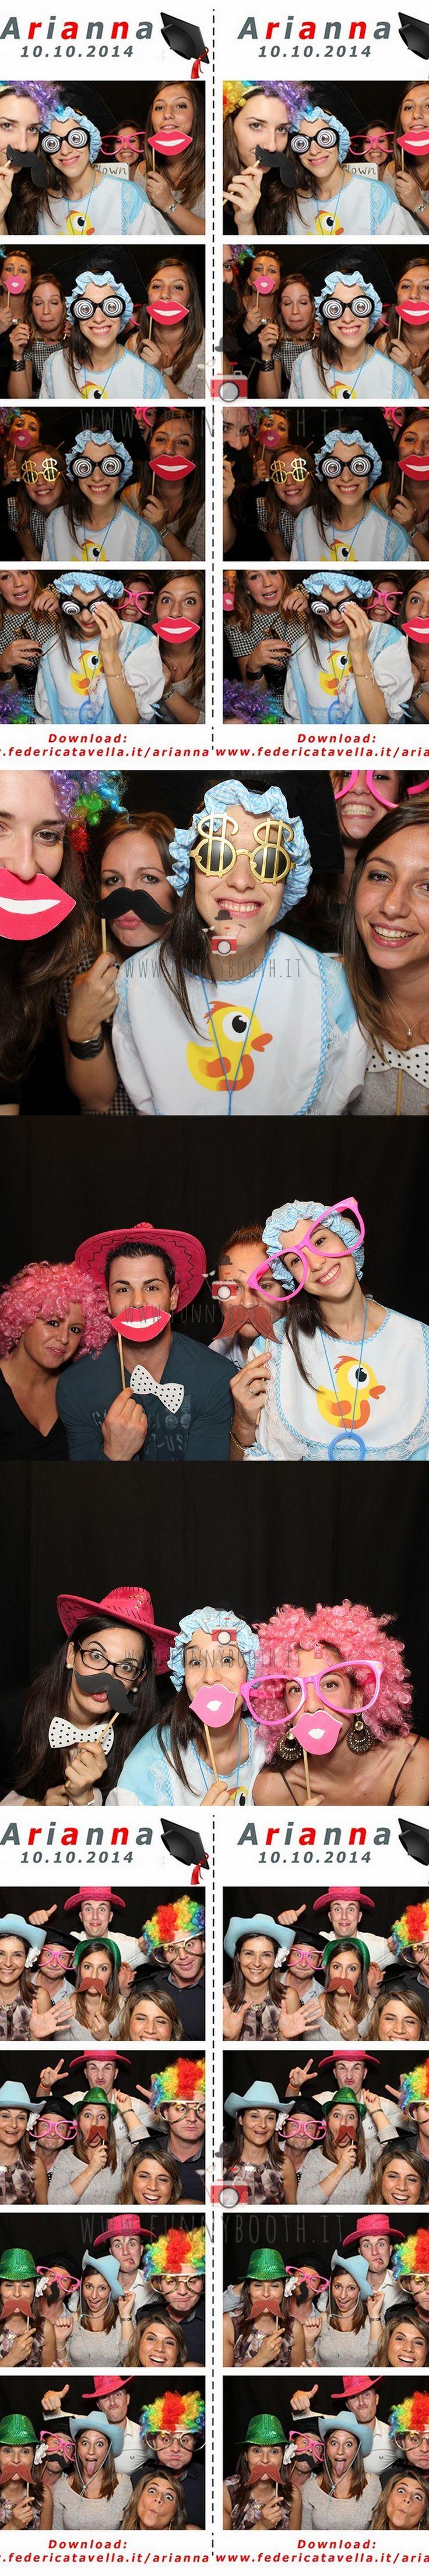 La Cabina Funny è stato l'intrattenimento per la festa di laurea di Arianna! Congratulazioni!!!